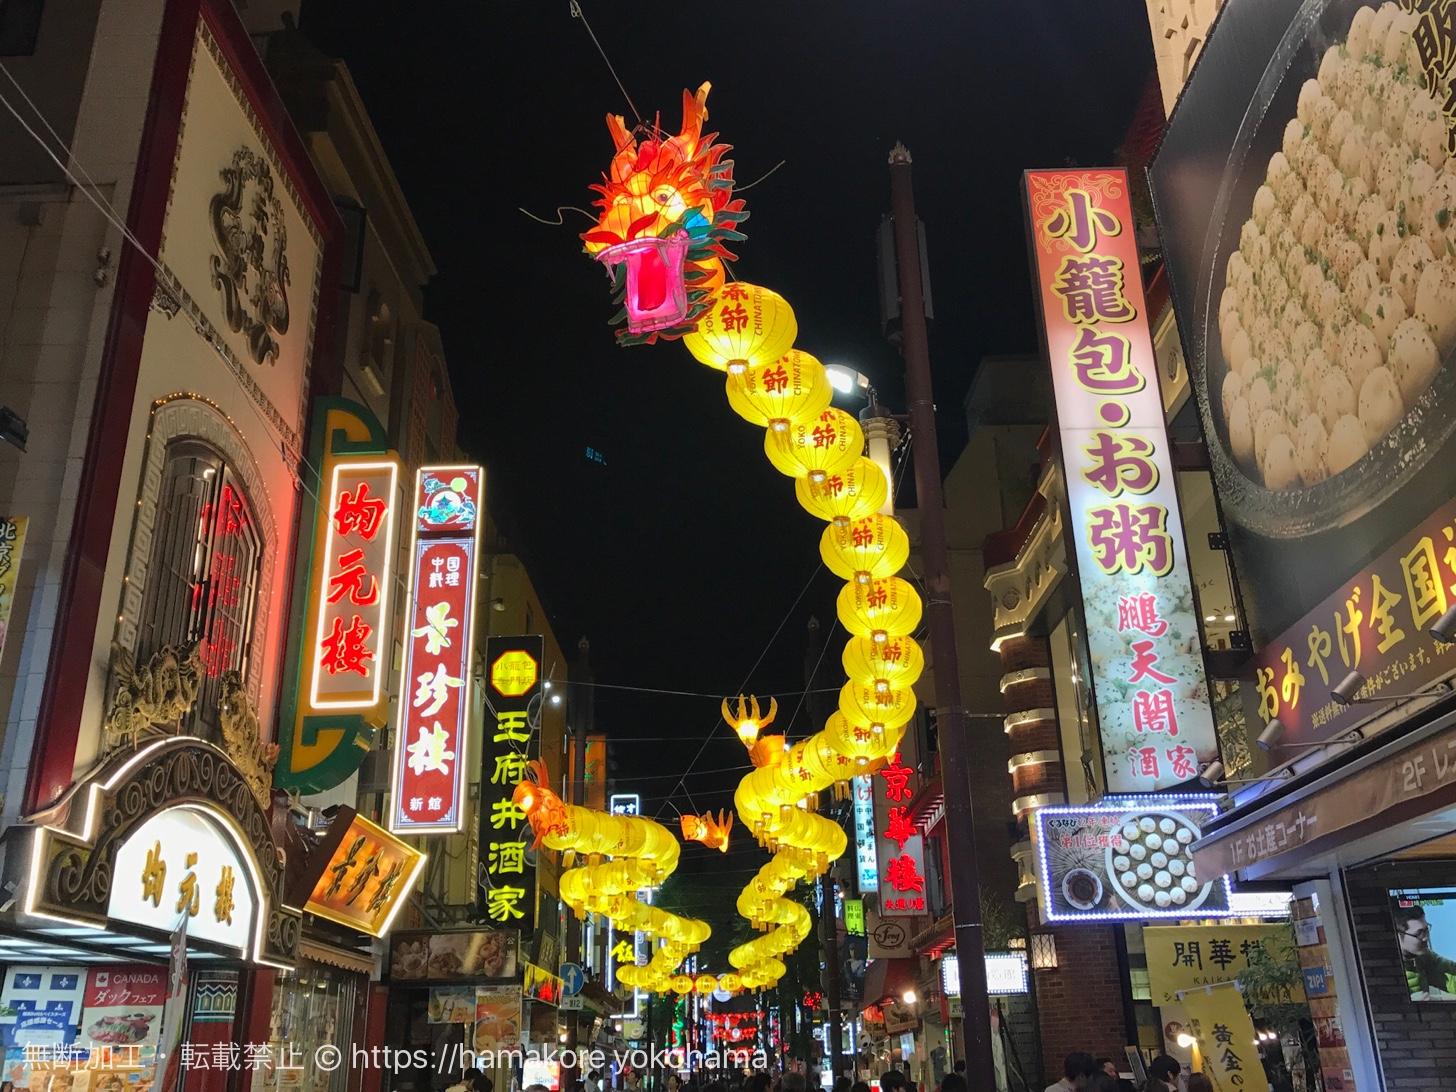 2018年 横浜中華街の「春節(旧正月)」は2月16日より開催!各イベントスケジュール